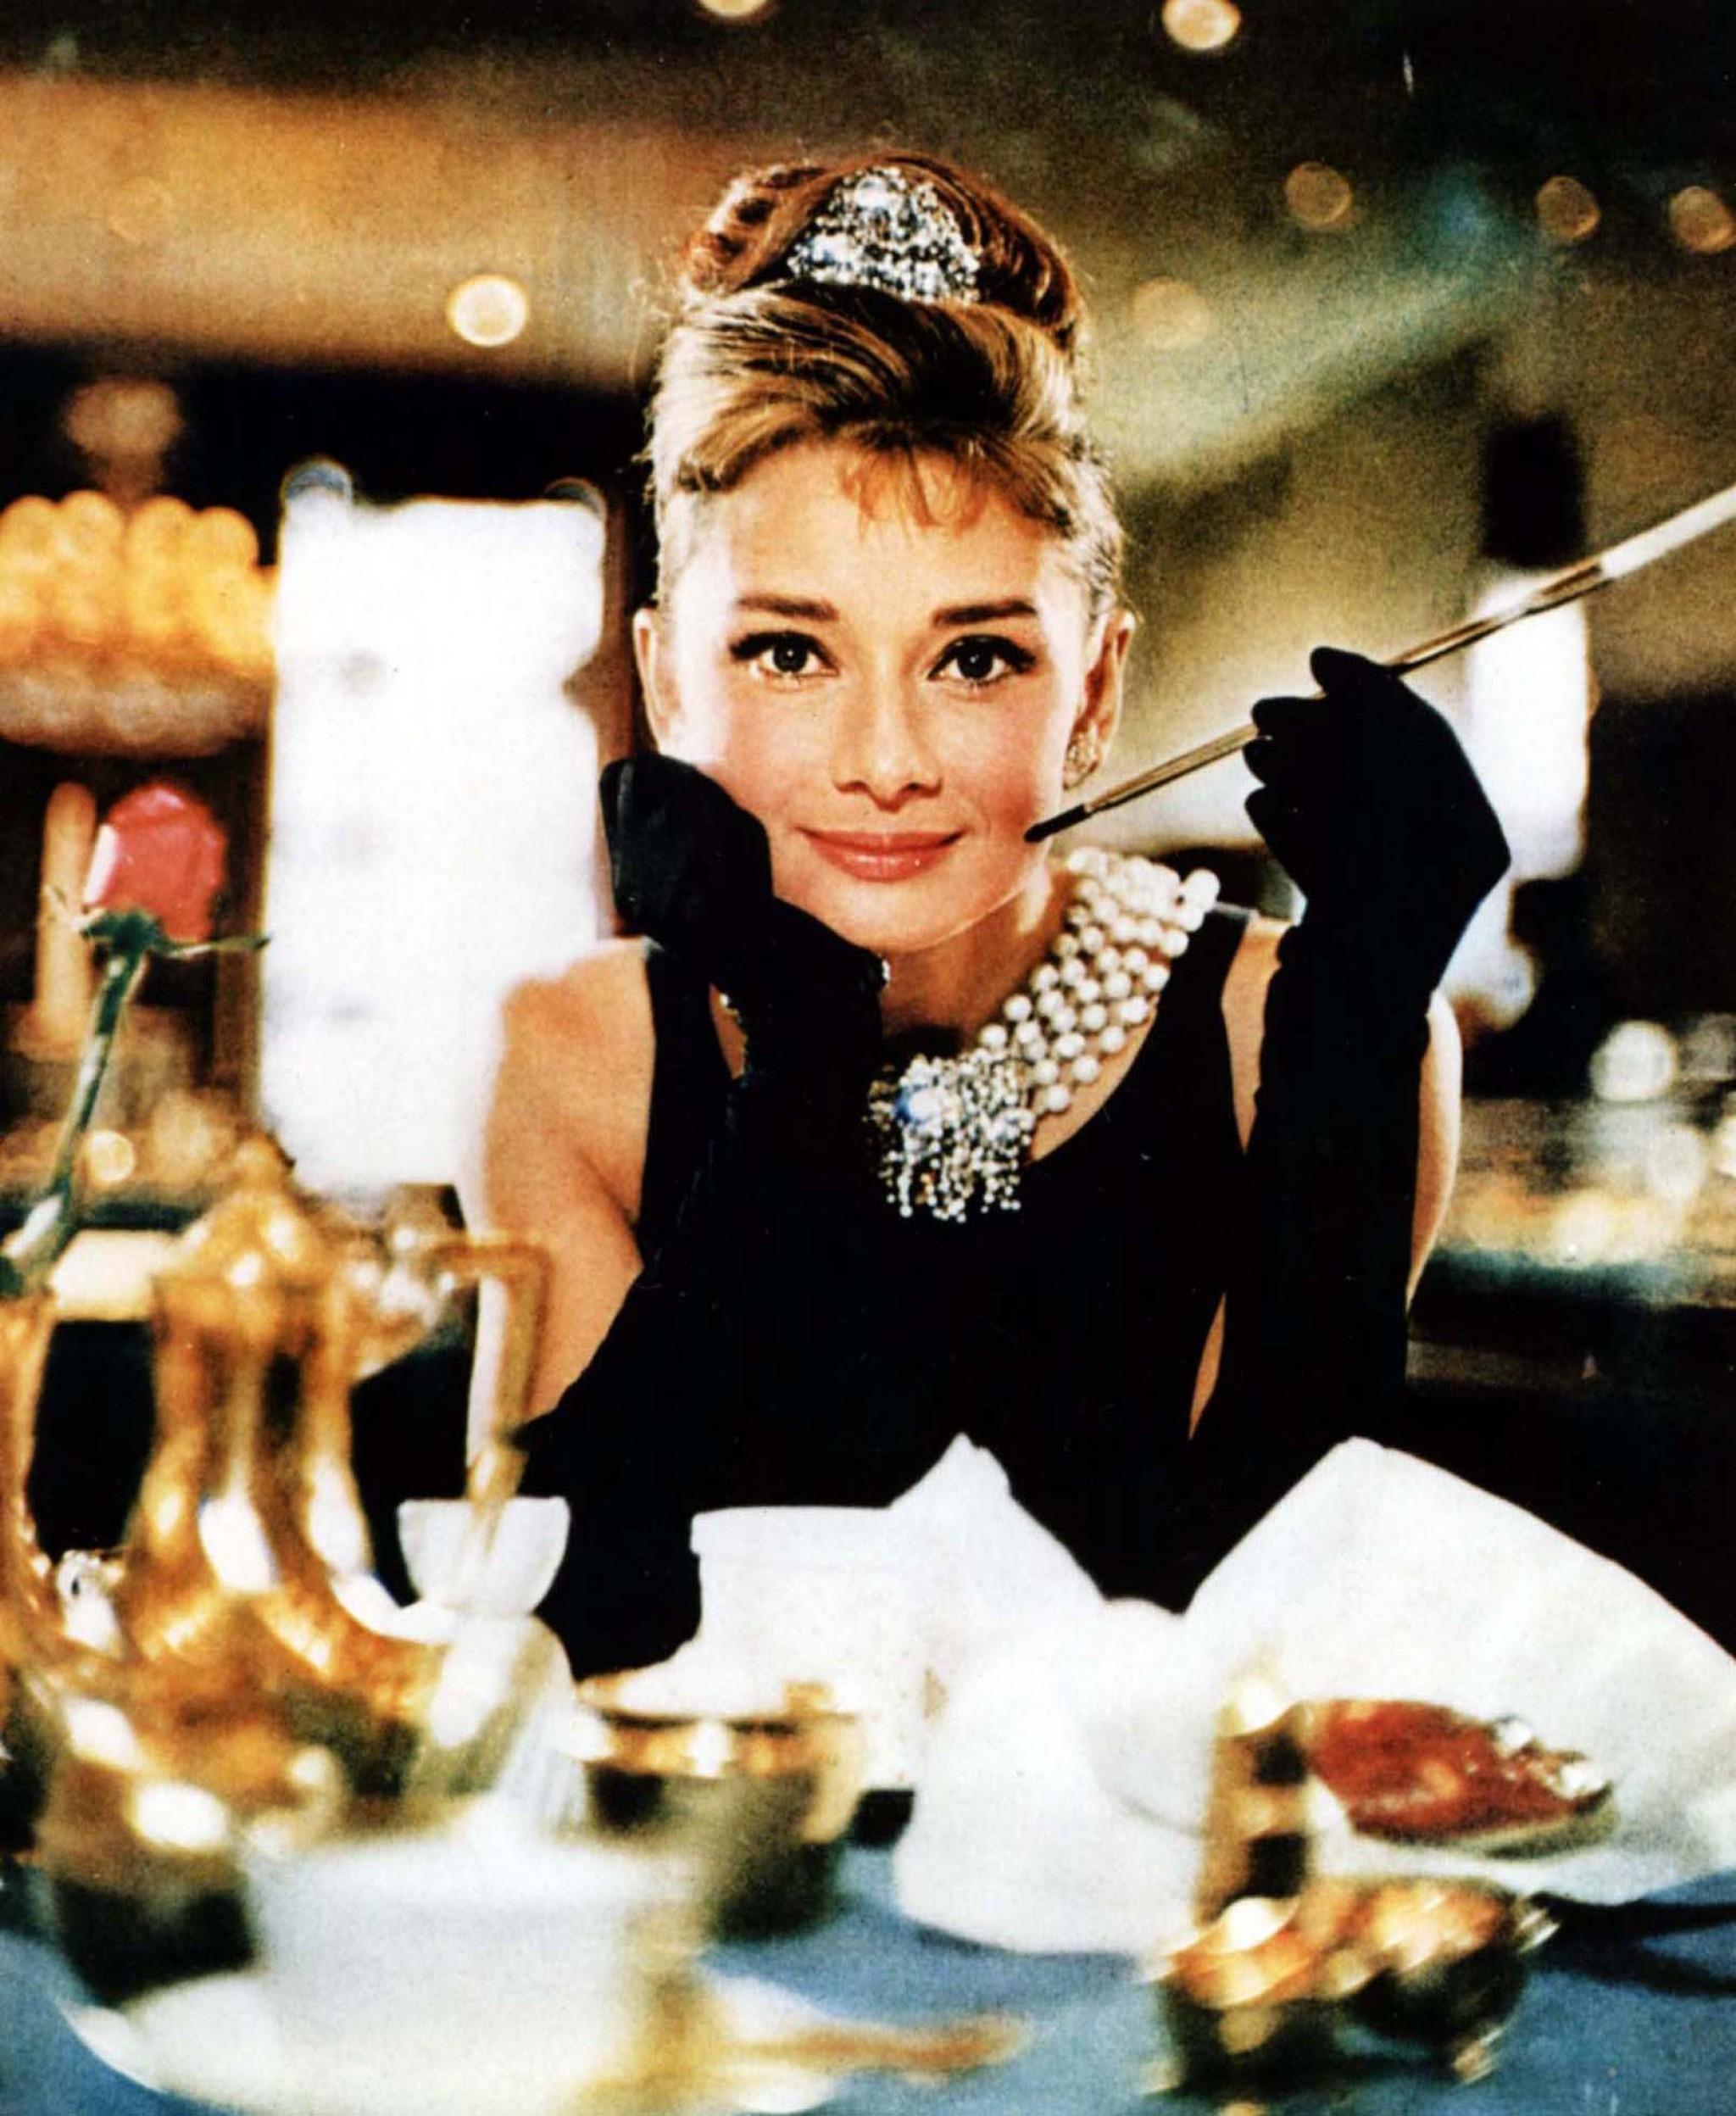 """Audrey Hepburn no clássico """"Breakfast at Tiffany's"""" (Foto: Reprodução)"""